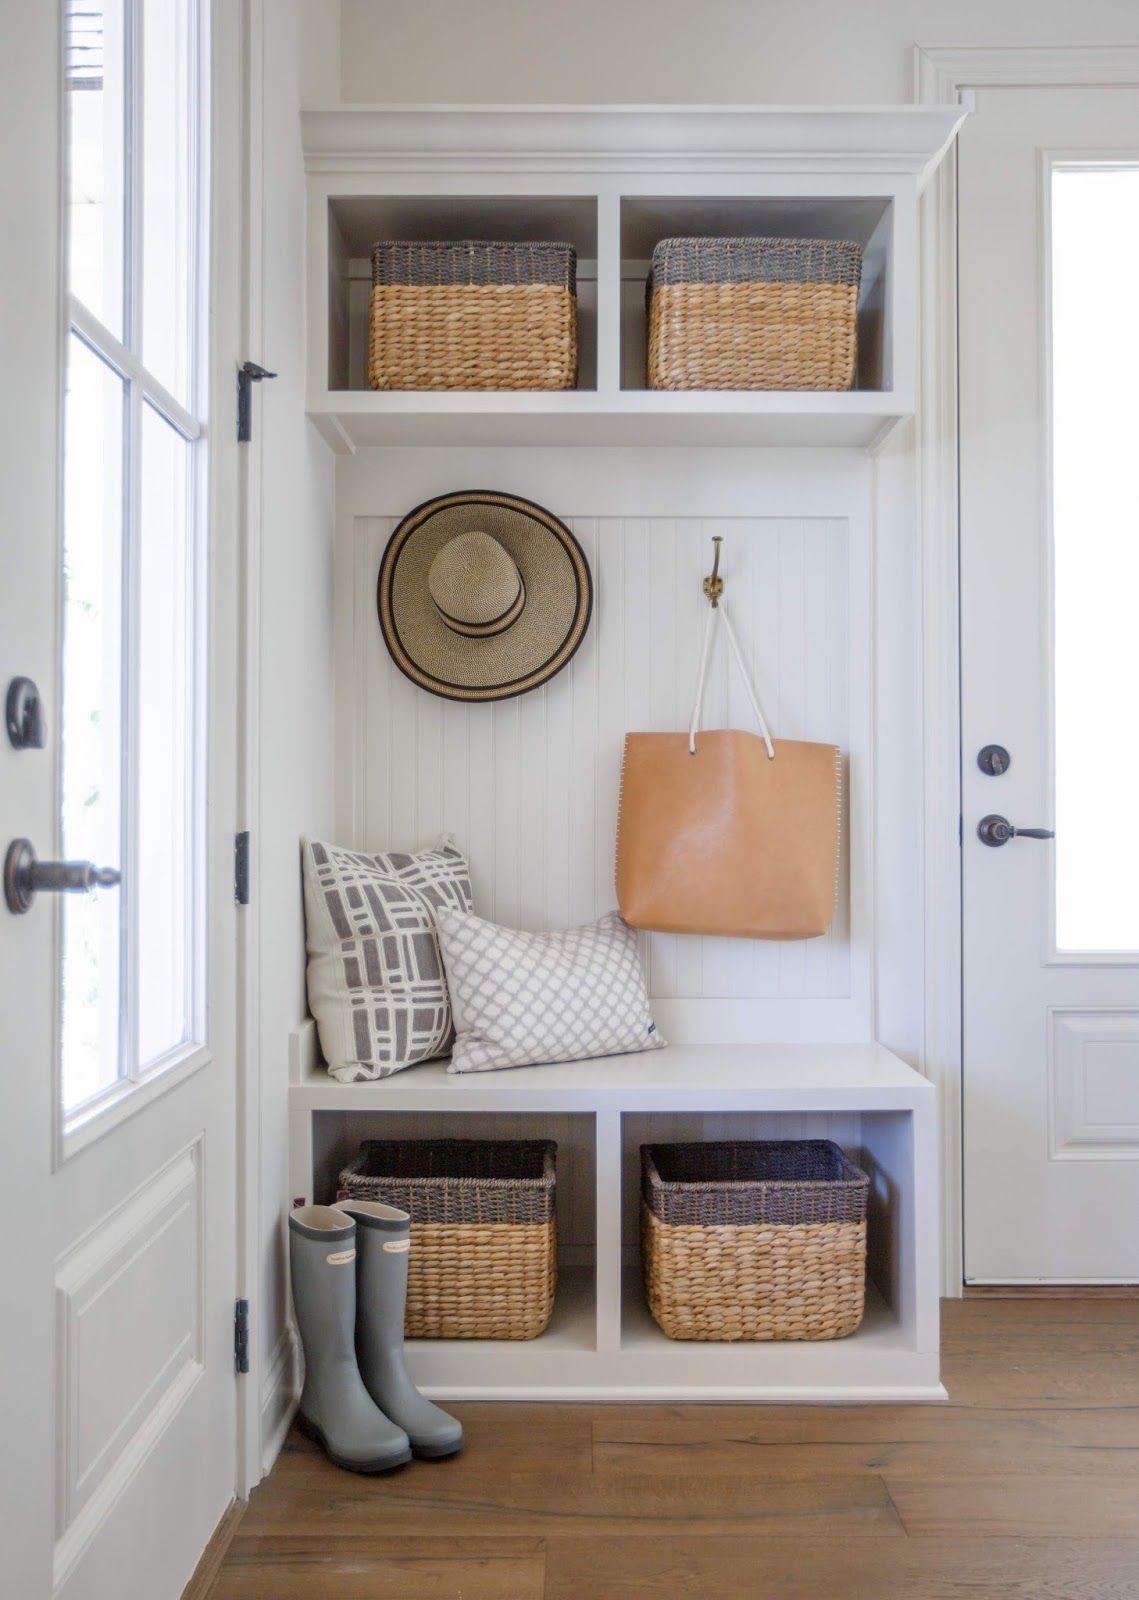 Master bedroom kitchenette  Top Ten Favorite Posts of  According to You  Master Bedroom